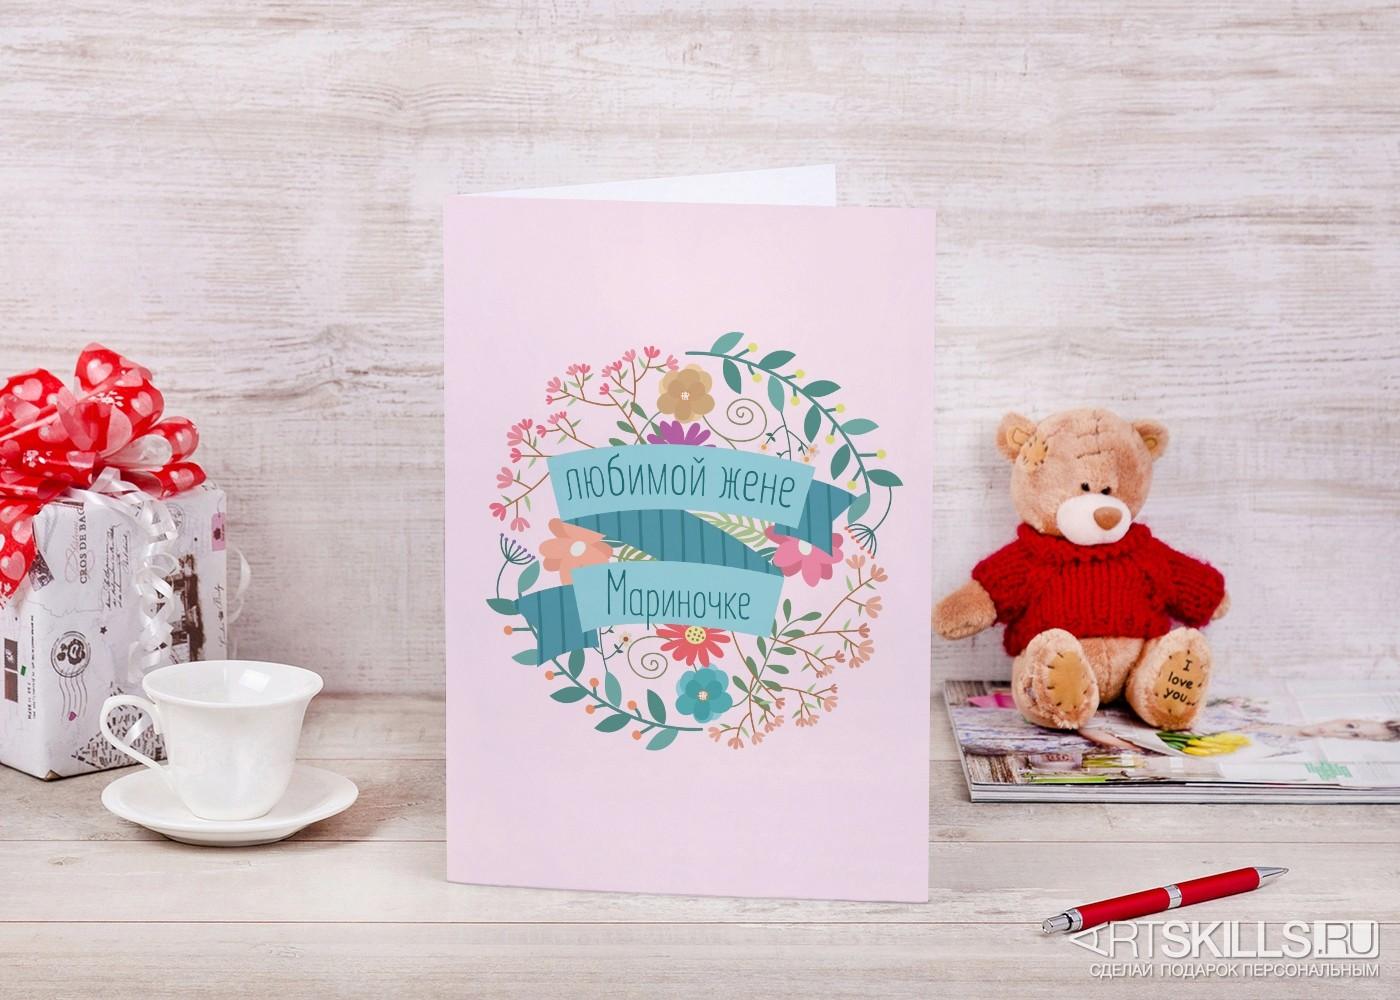 День знаний, заказать открытку с именем